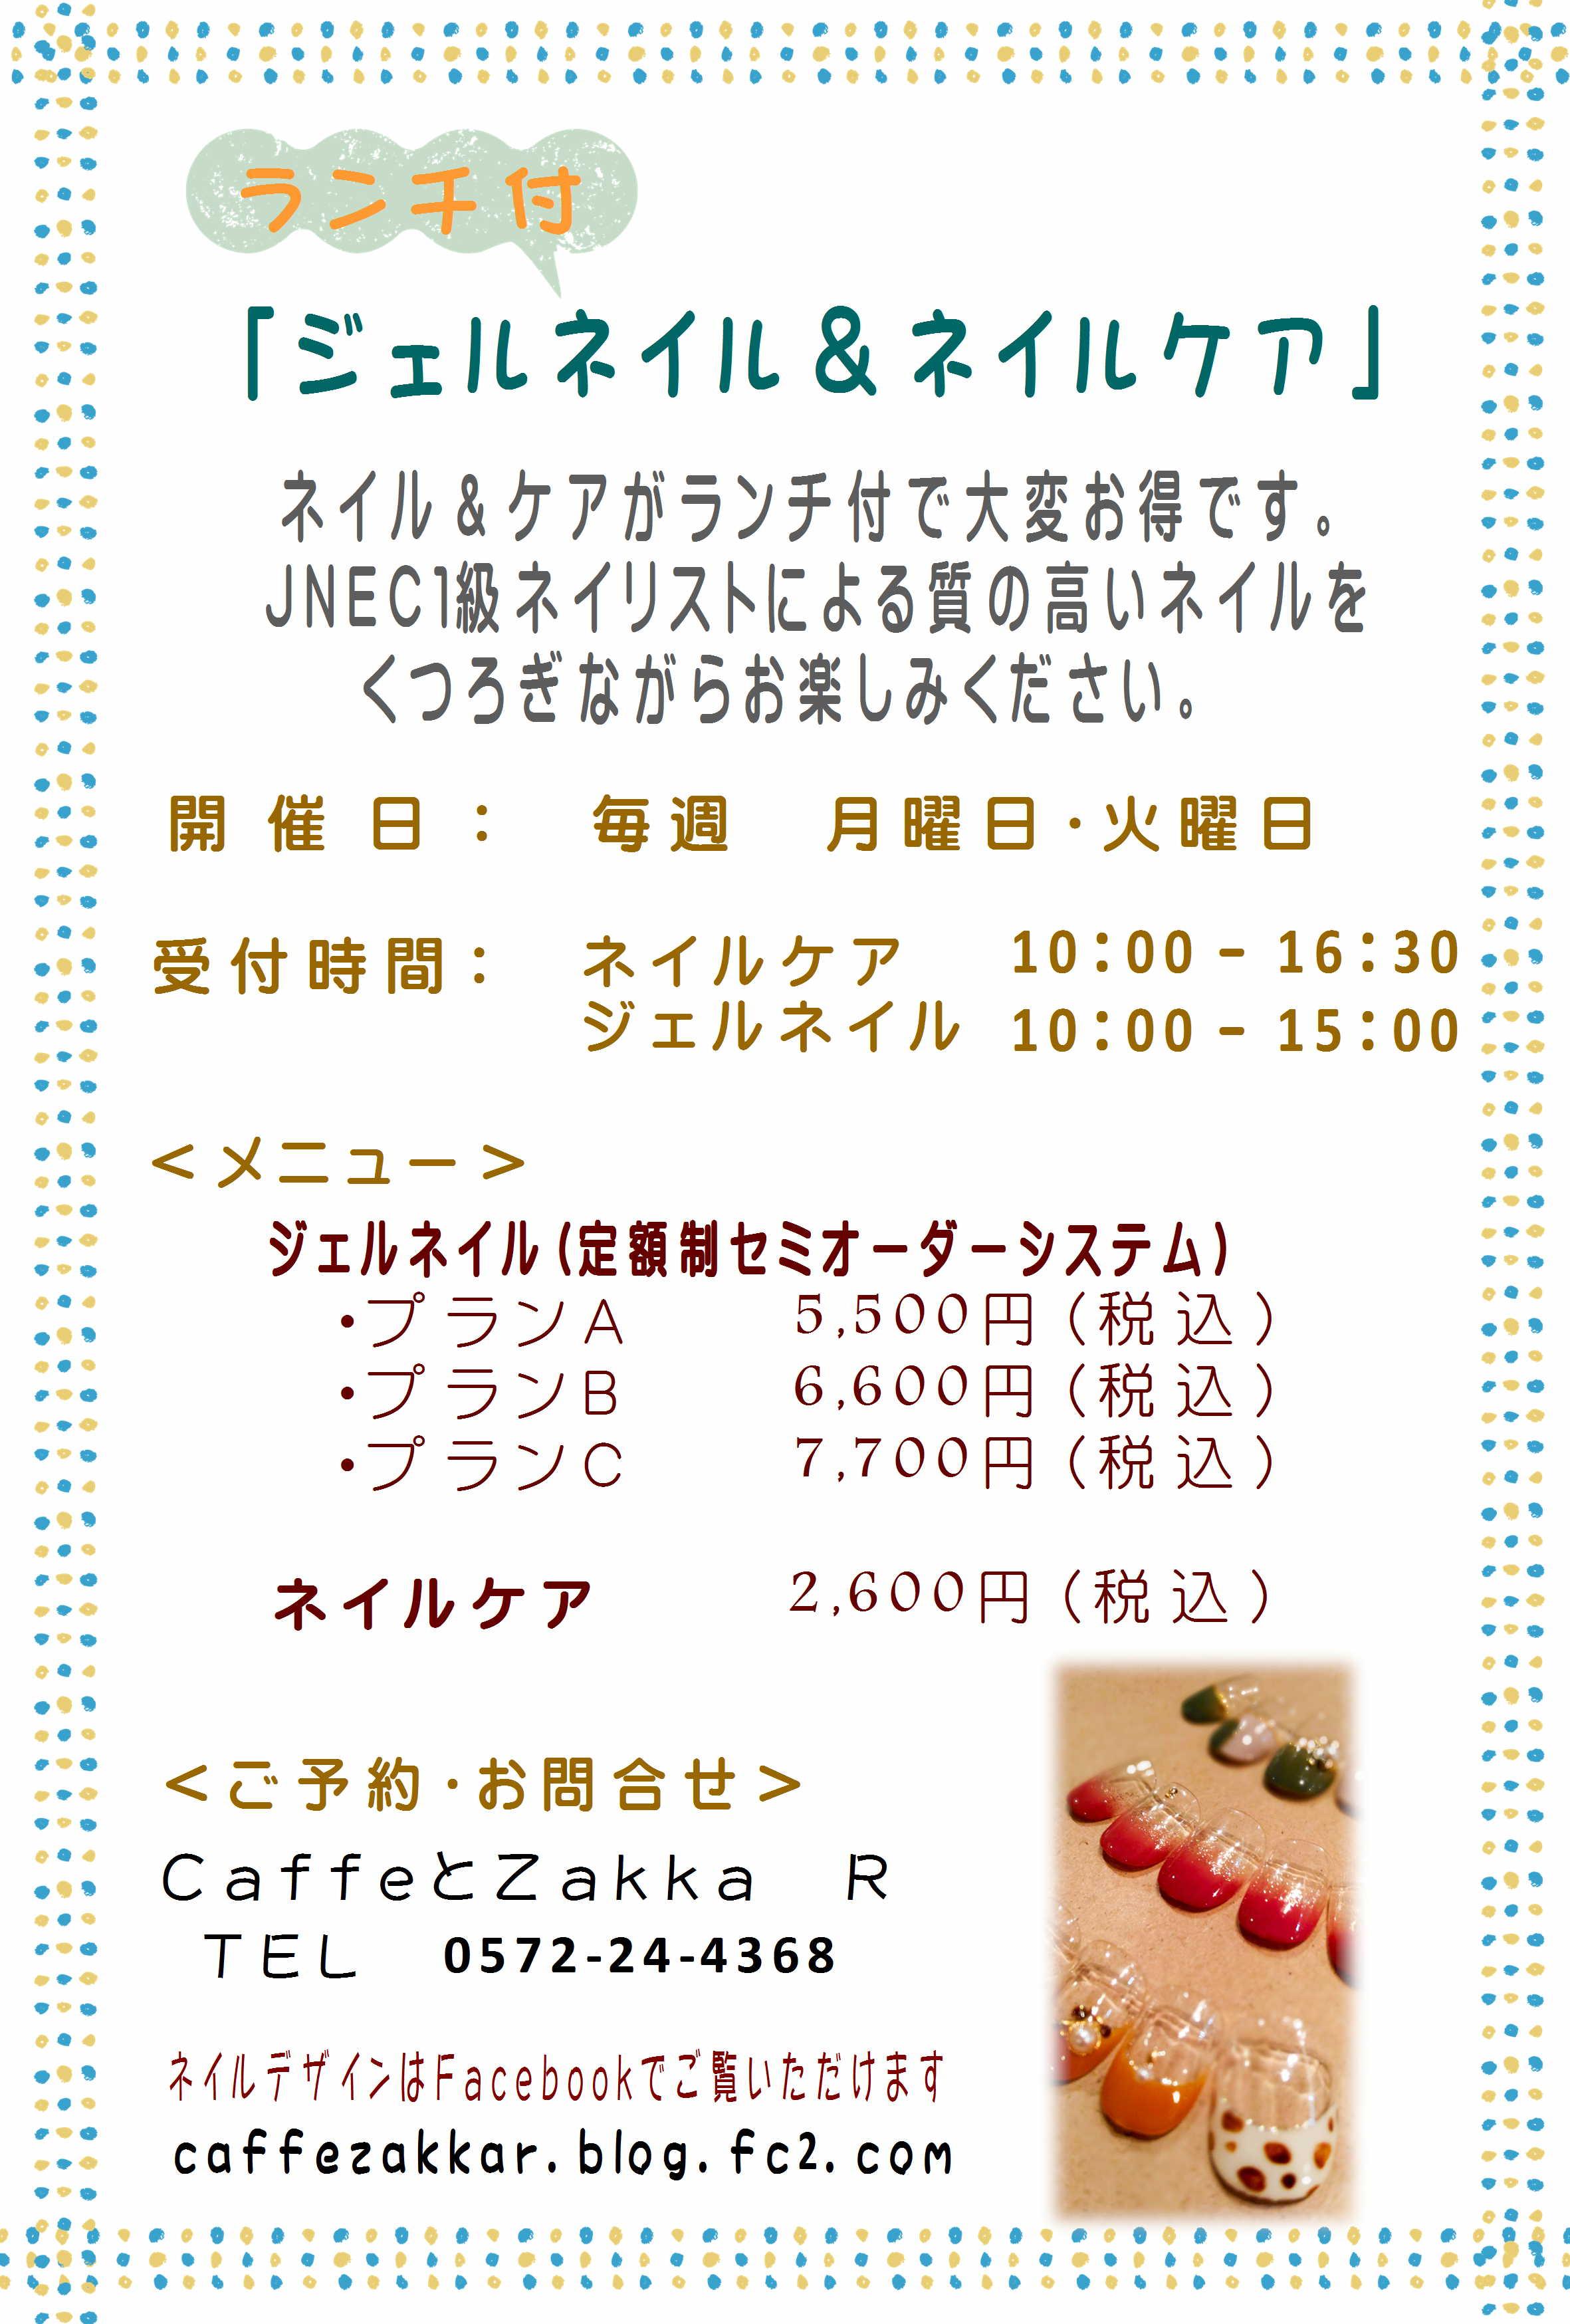 ネイル【イベント